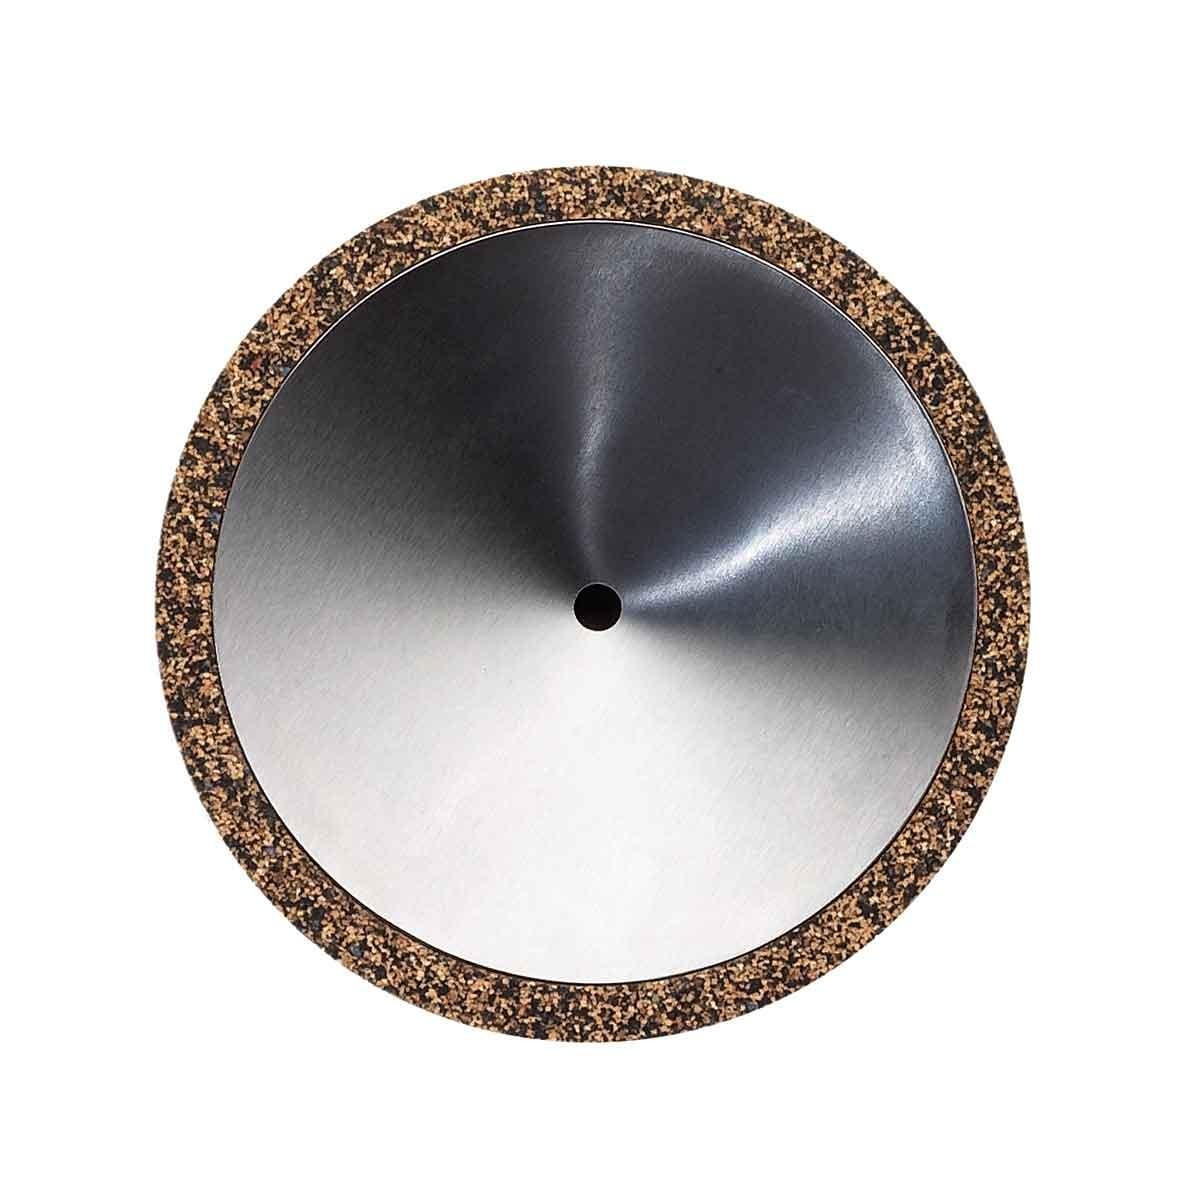 Portasapone in sughero, gomma riciclata e acciaio Cilindro Soap